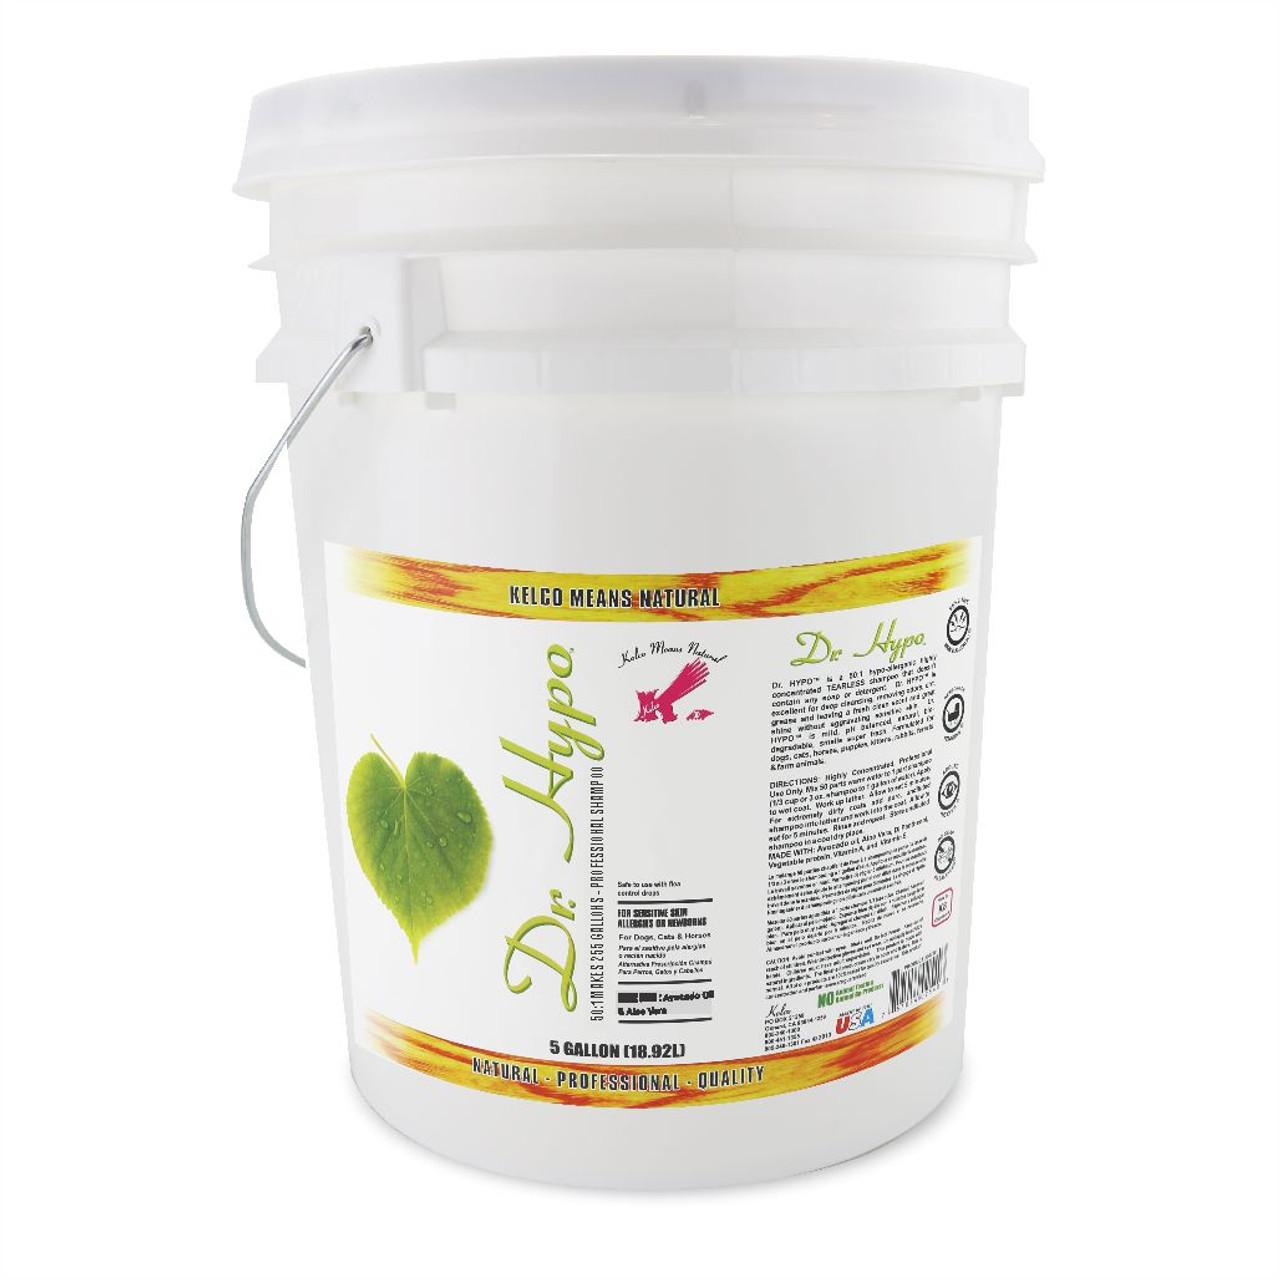 Kelco™ Dr. Hypo 5 Gallon Size